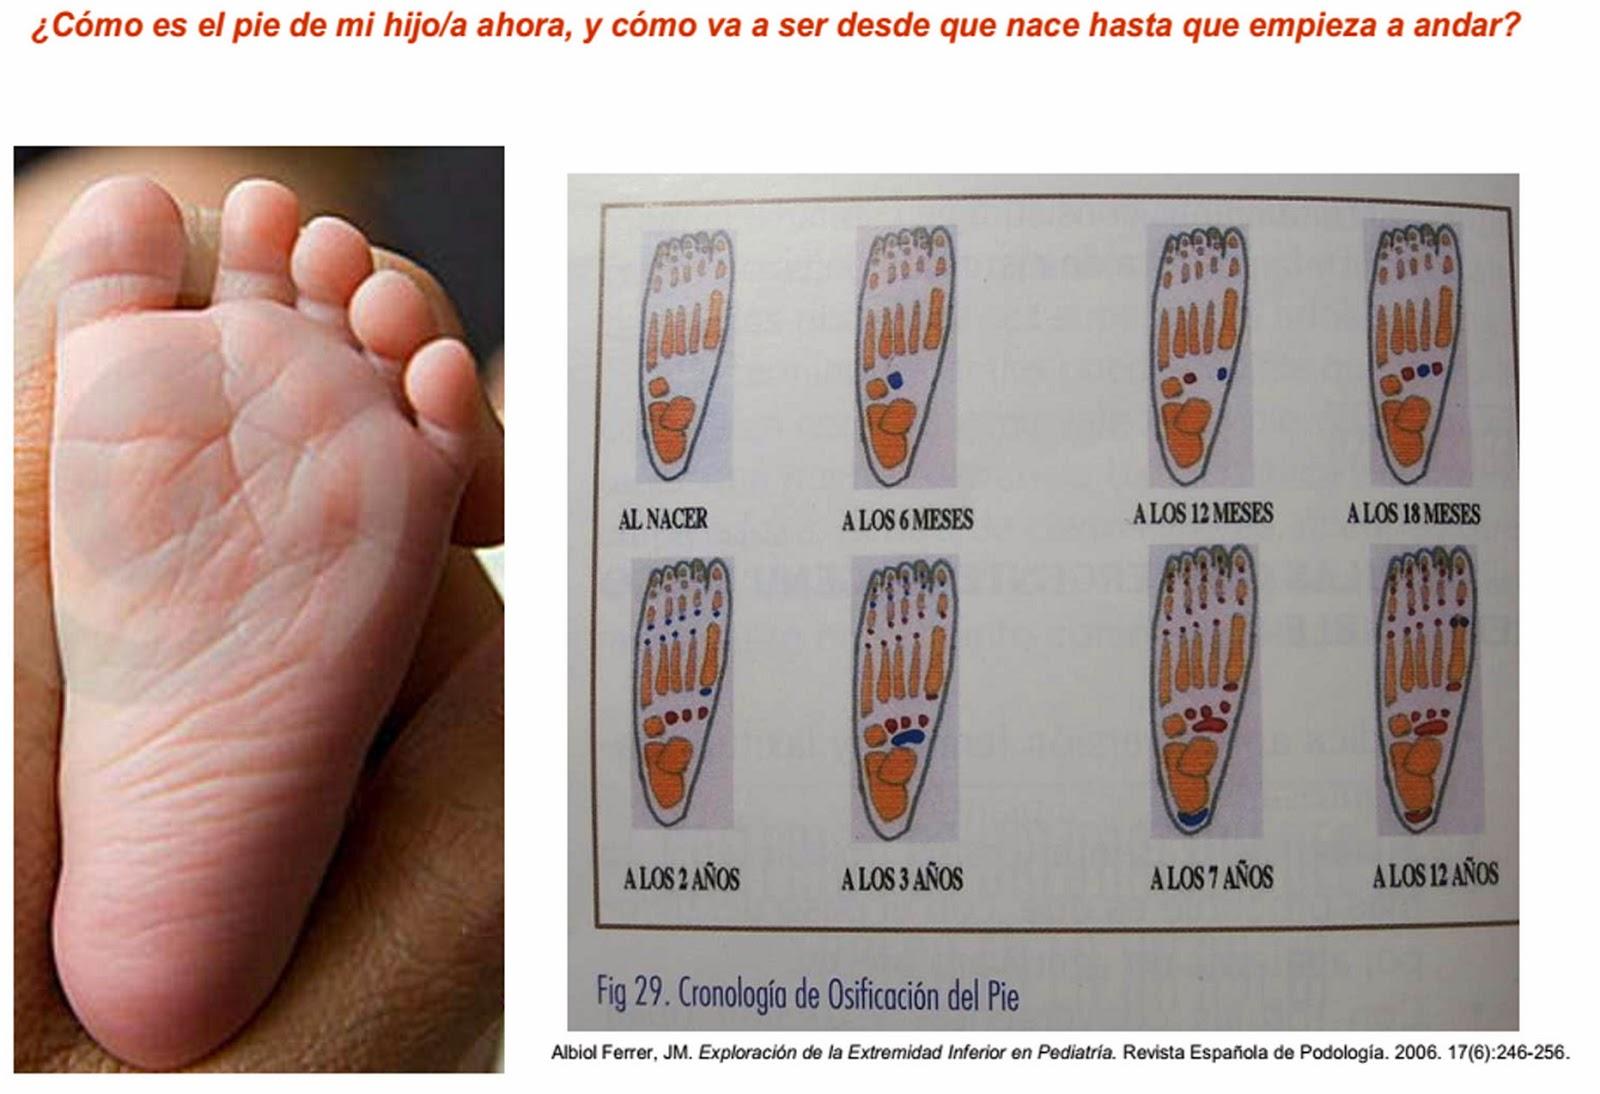 Maternidad y Crianza: ¿Qué no se debe hacer con los pies de los niños?